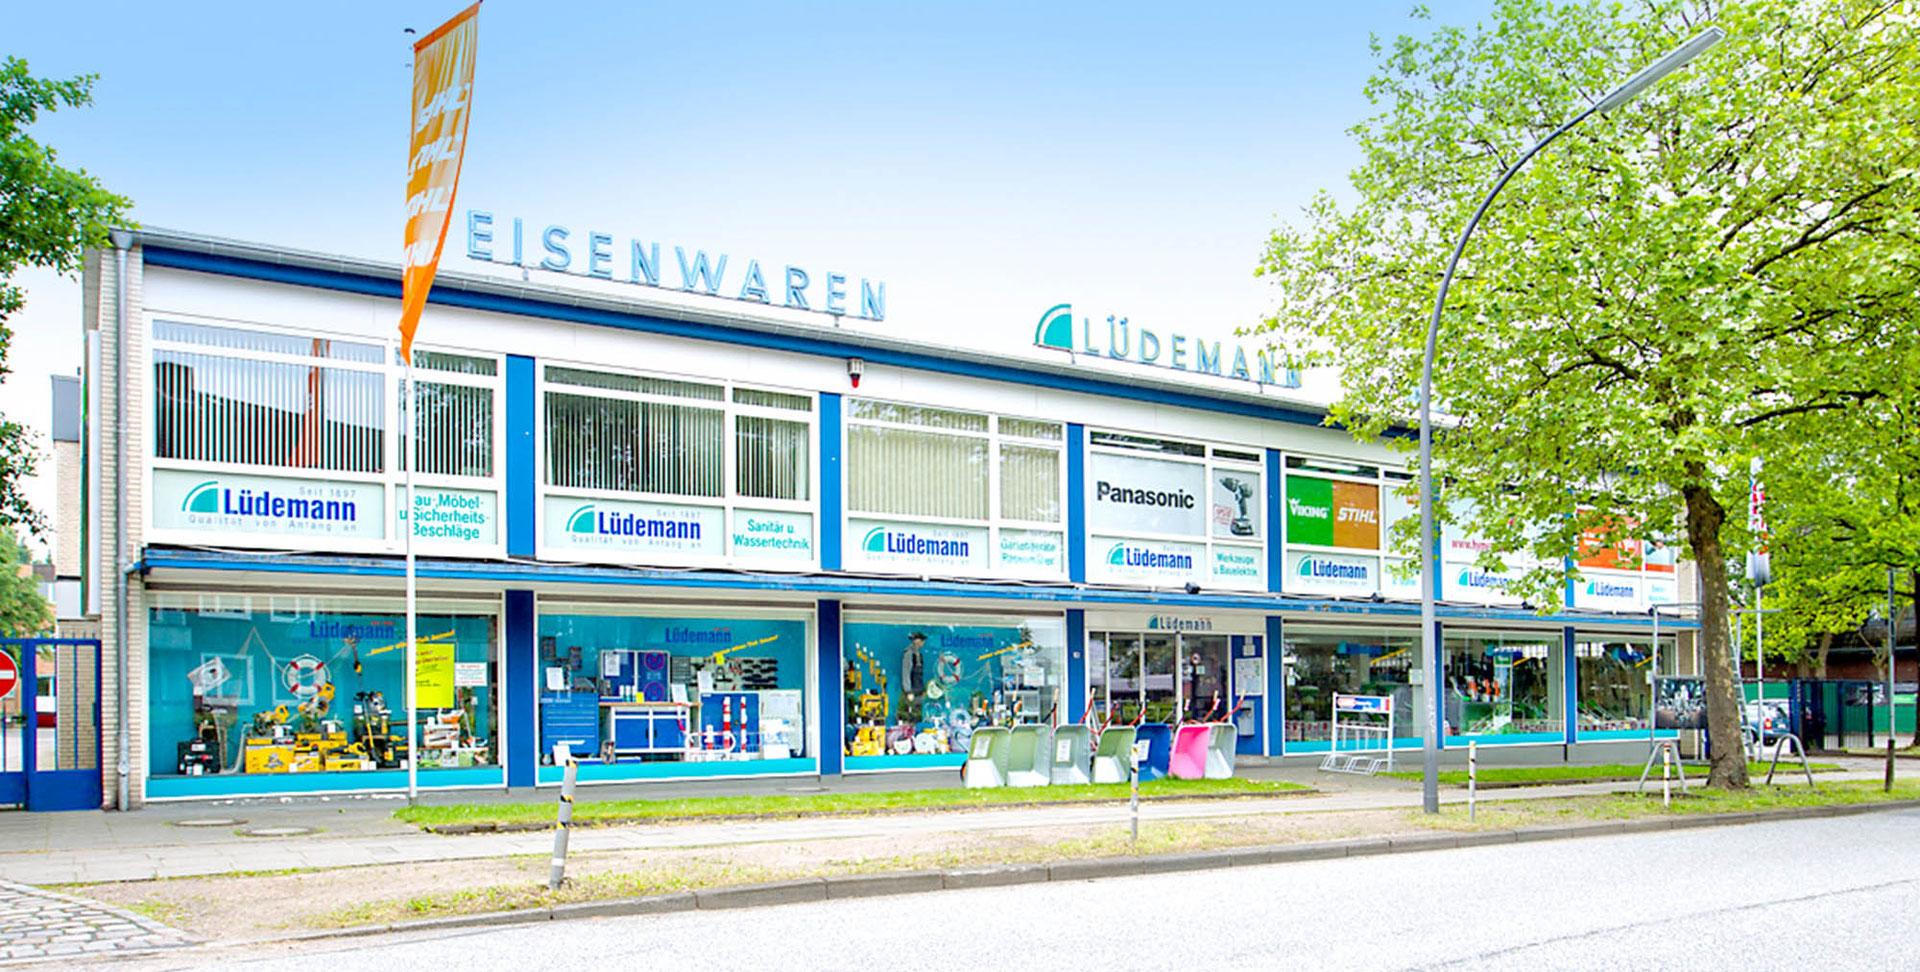 neuigkeiten im werkzeugbereich in hamburg – emil lüdemann gmbh & co